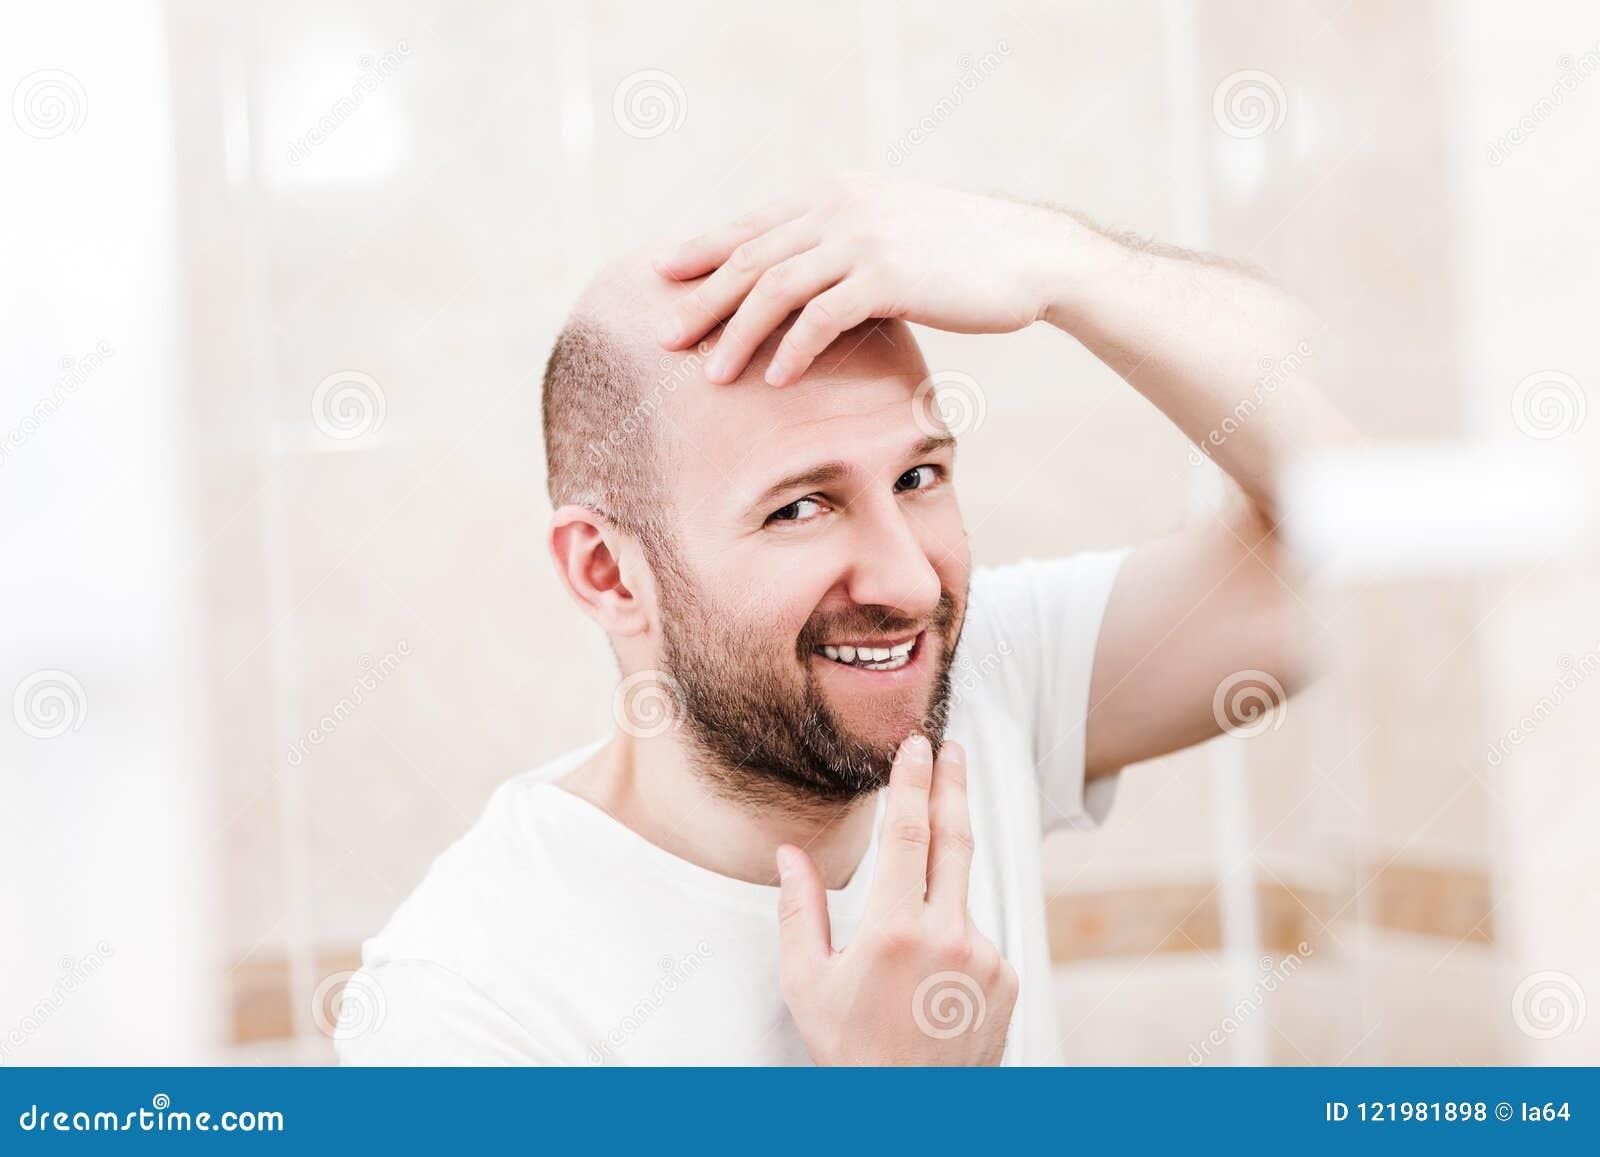 Homme chauve regardant le miroir la calvitie et la perte des cheveux principales